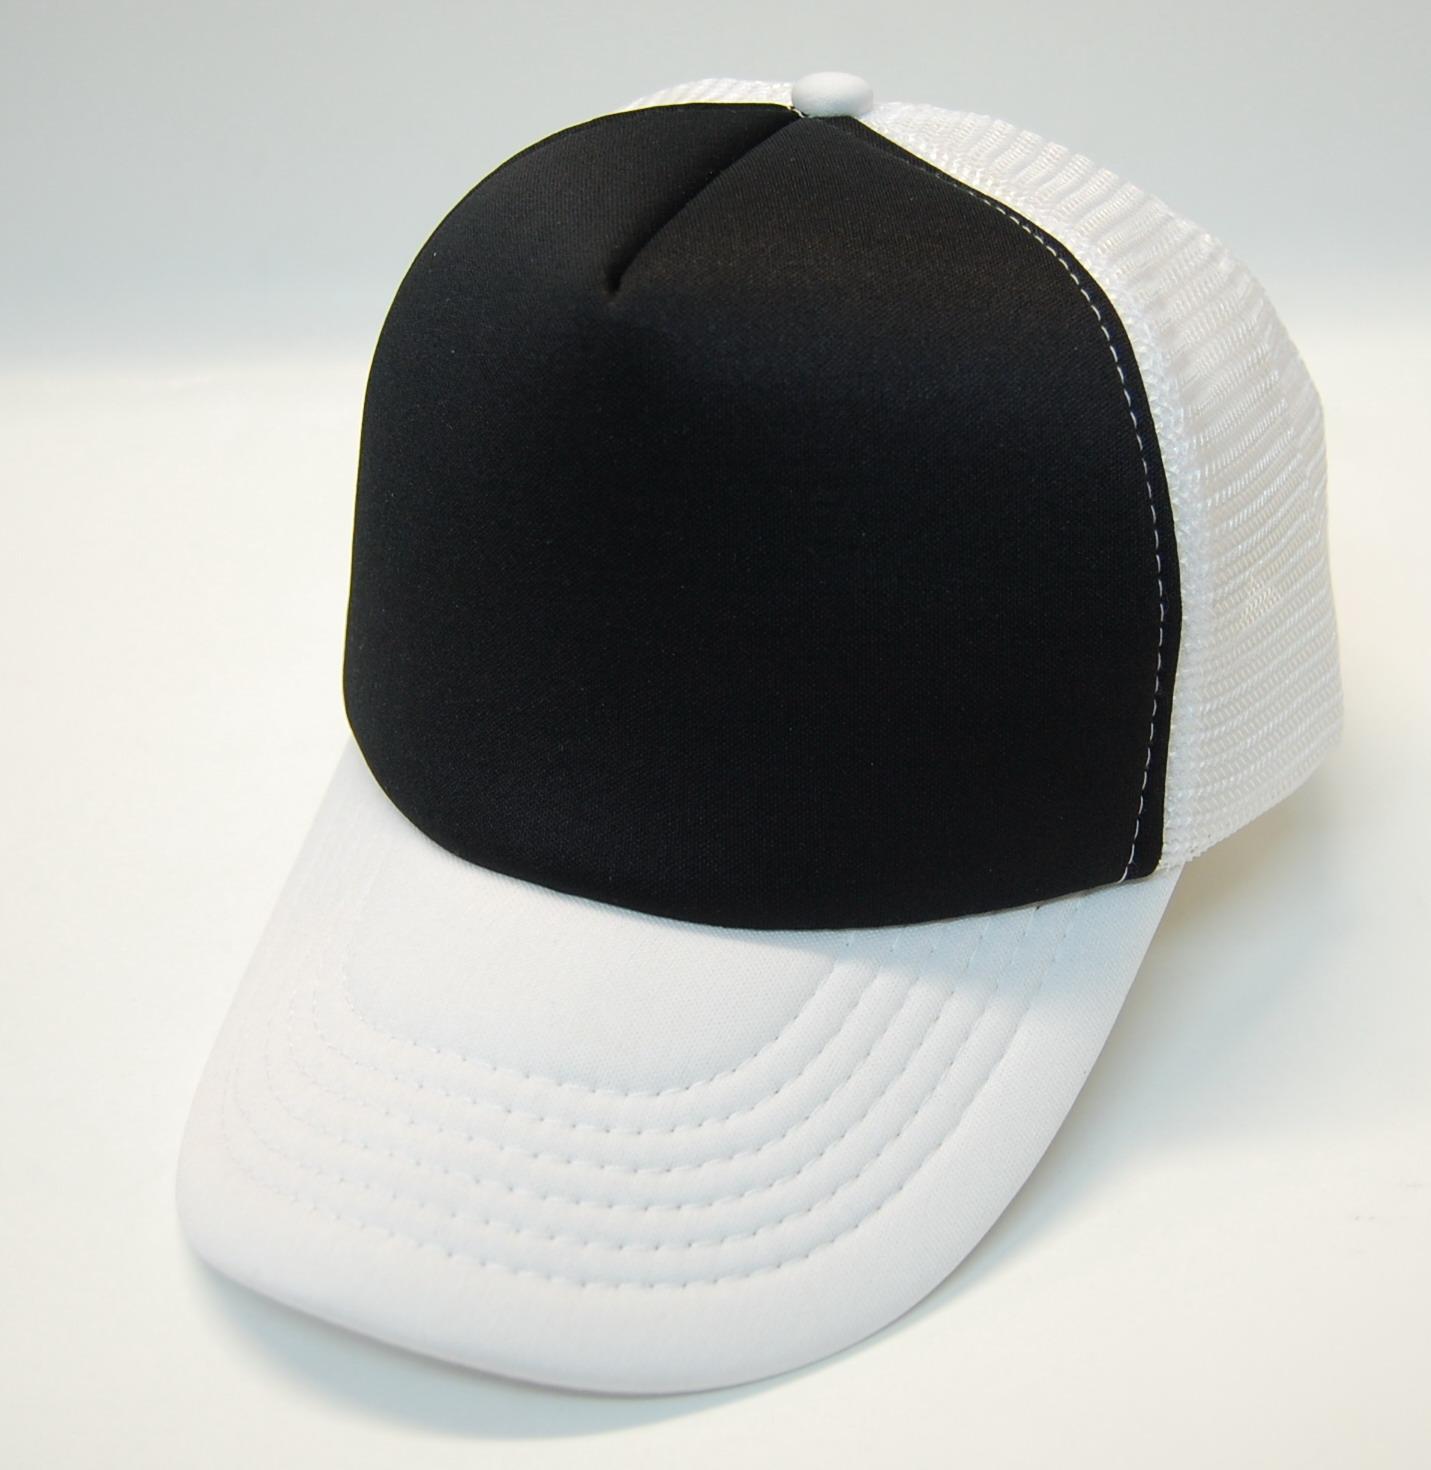 PM1010-Black White